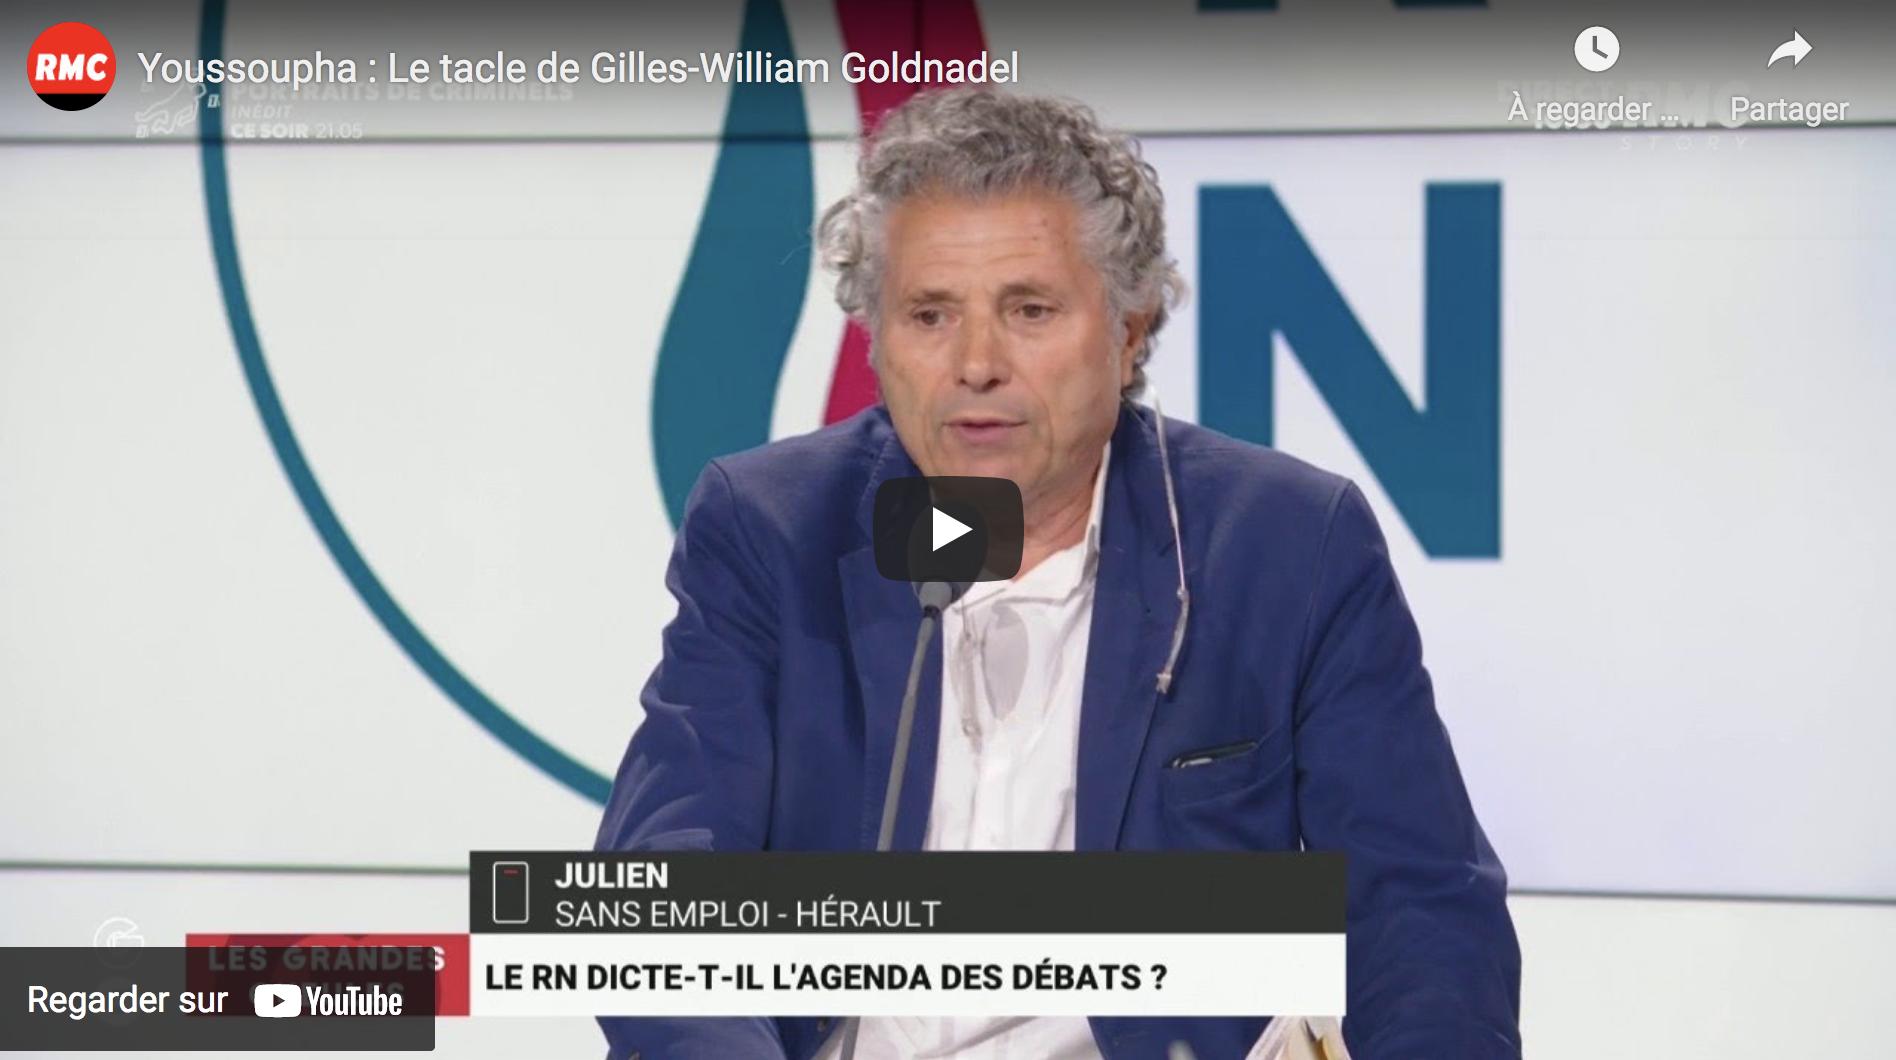 """""""Youssoupha"""" (sic) : Le tacle de Gilles-William Goldnadel (VIDÉO)"""